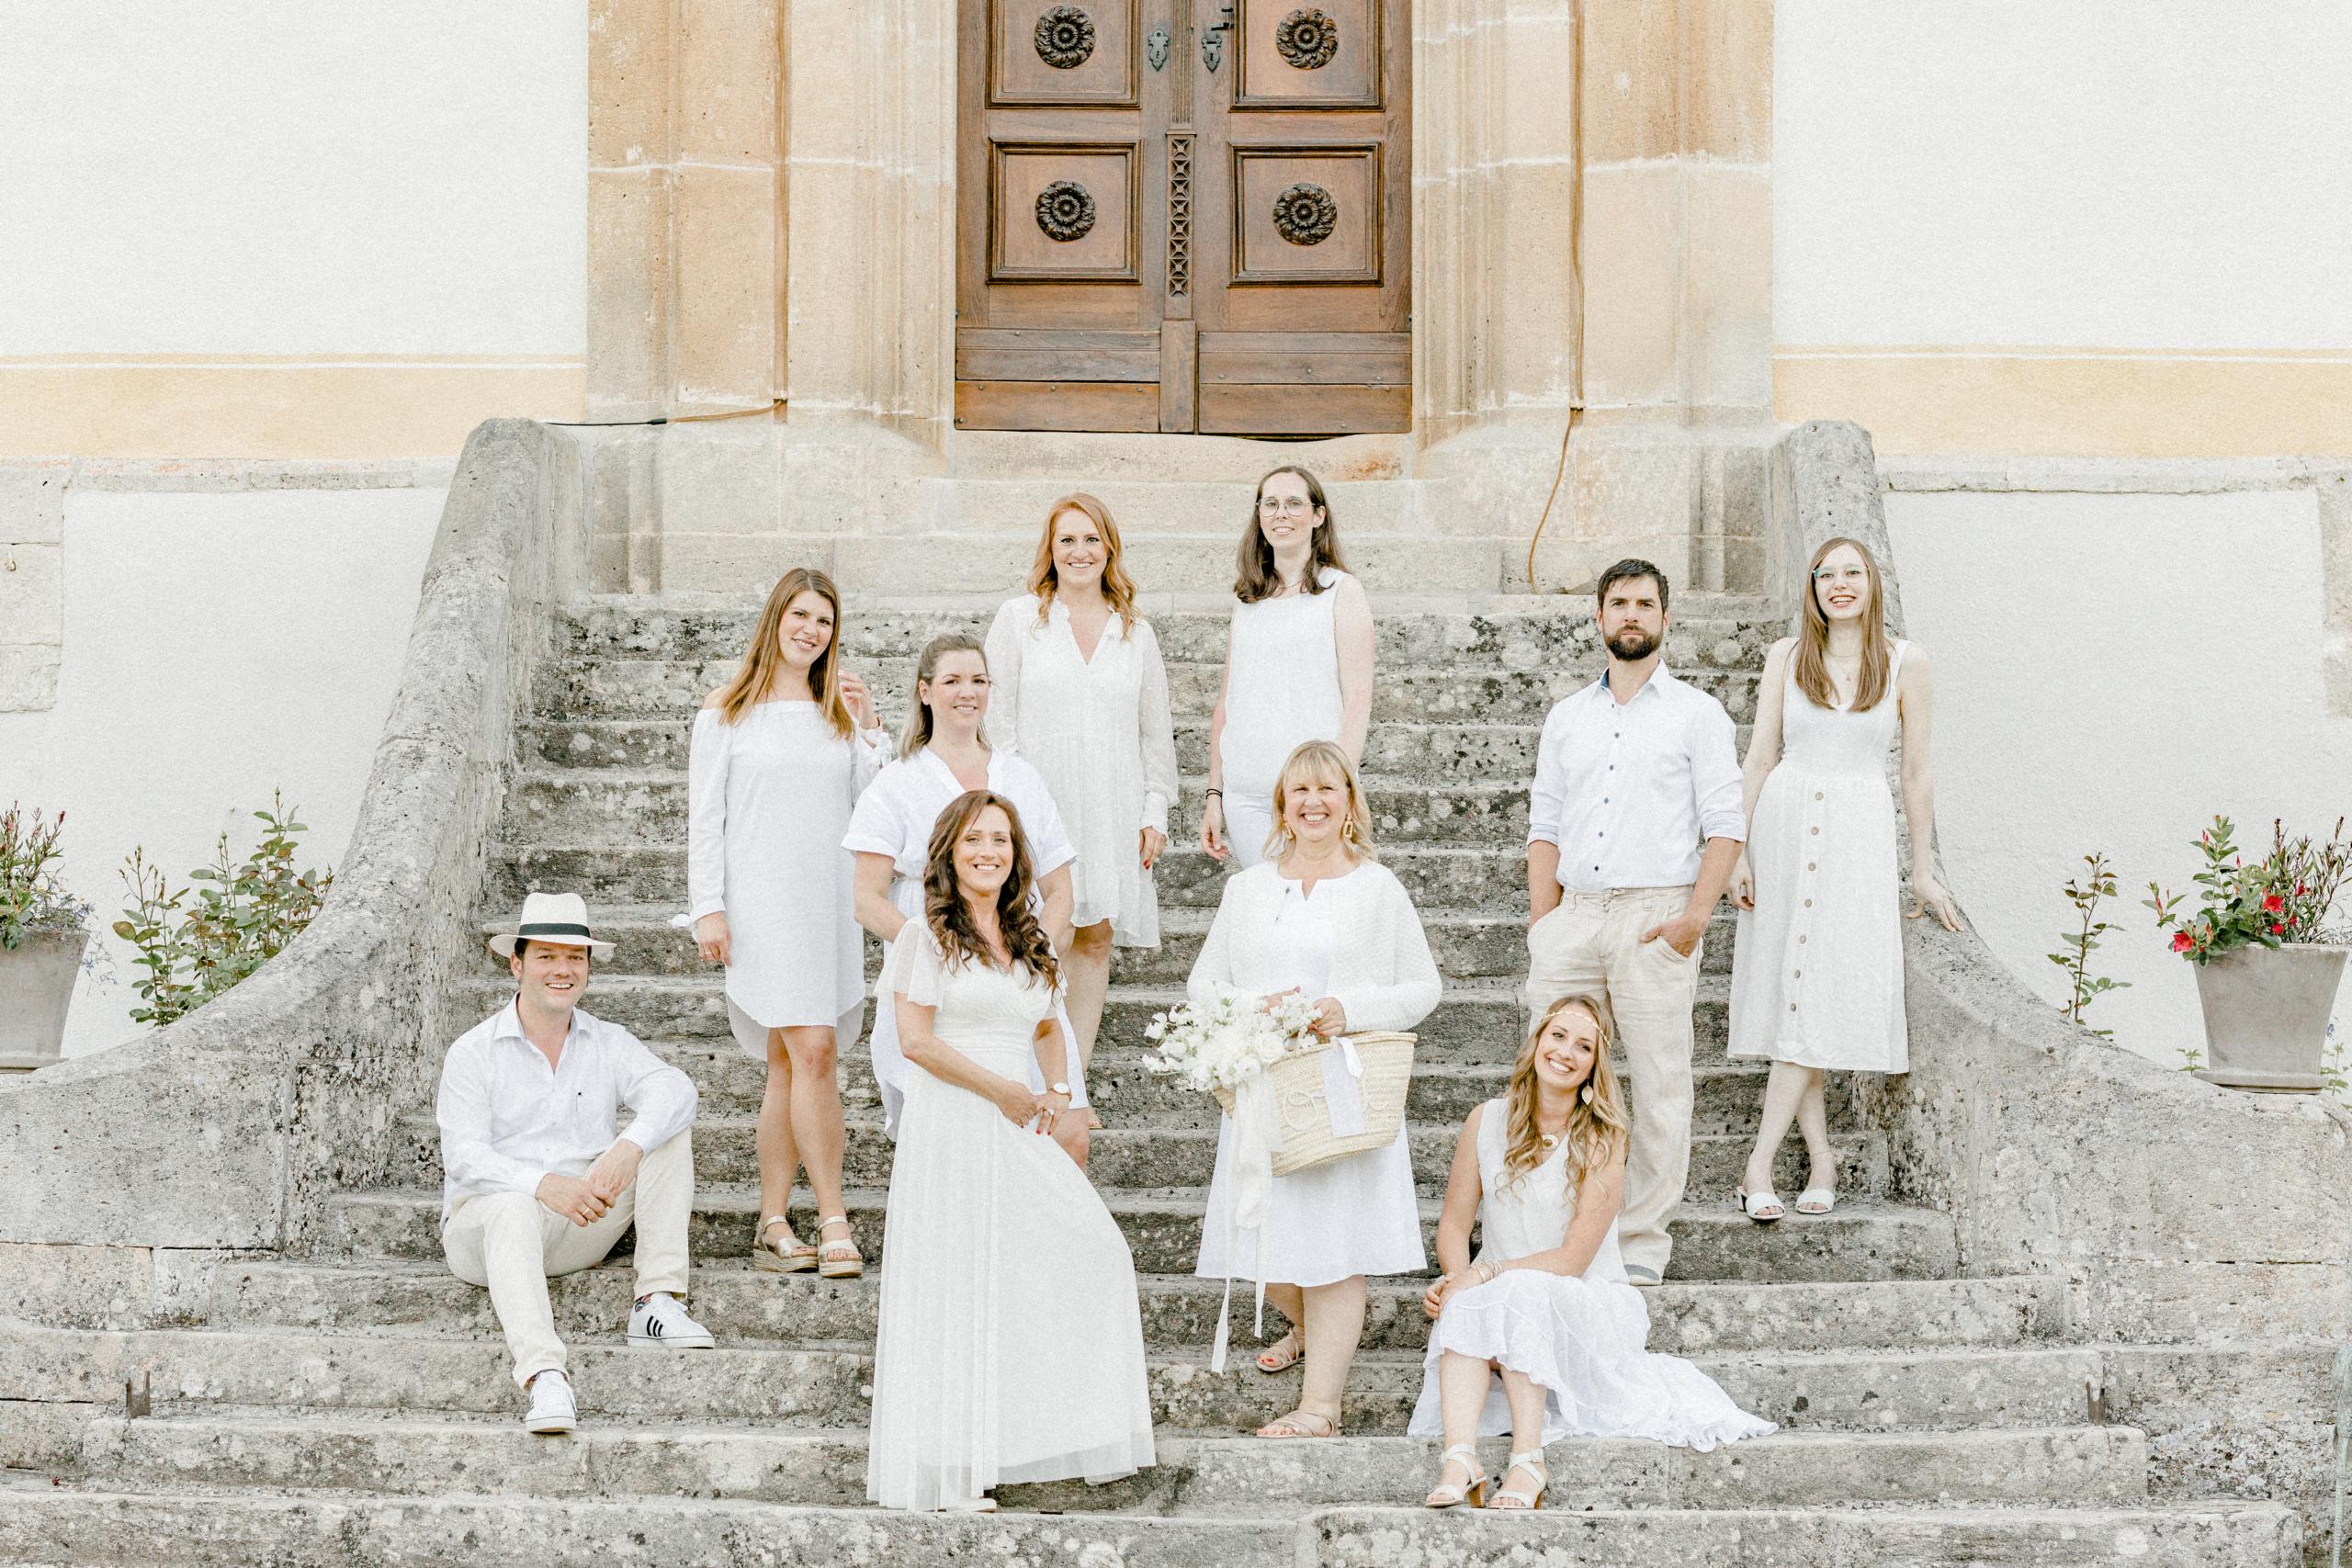 White Wedding Pour l'amour Fine Art Team